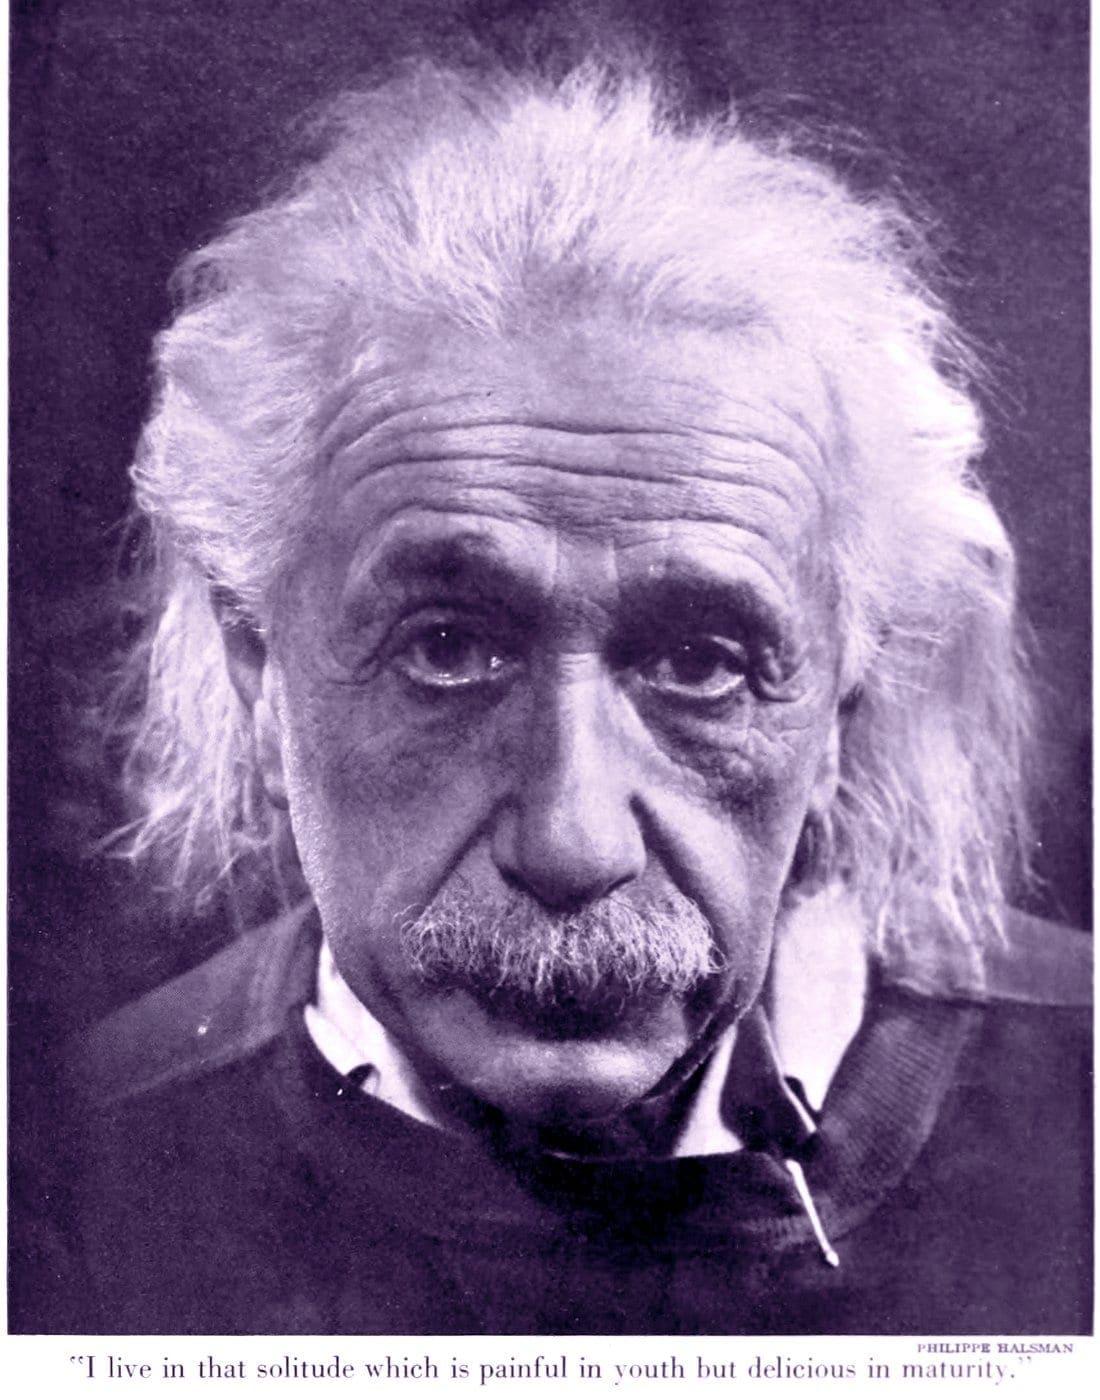 White-haired, world-famous physicist Albert Einstein